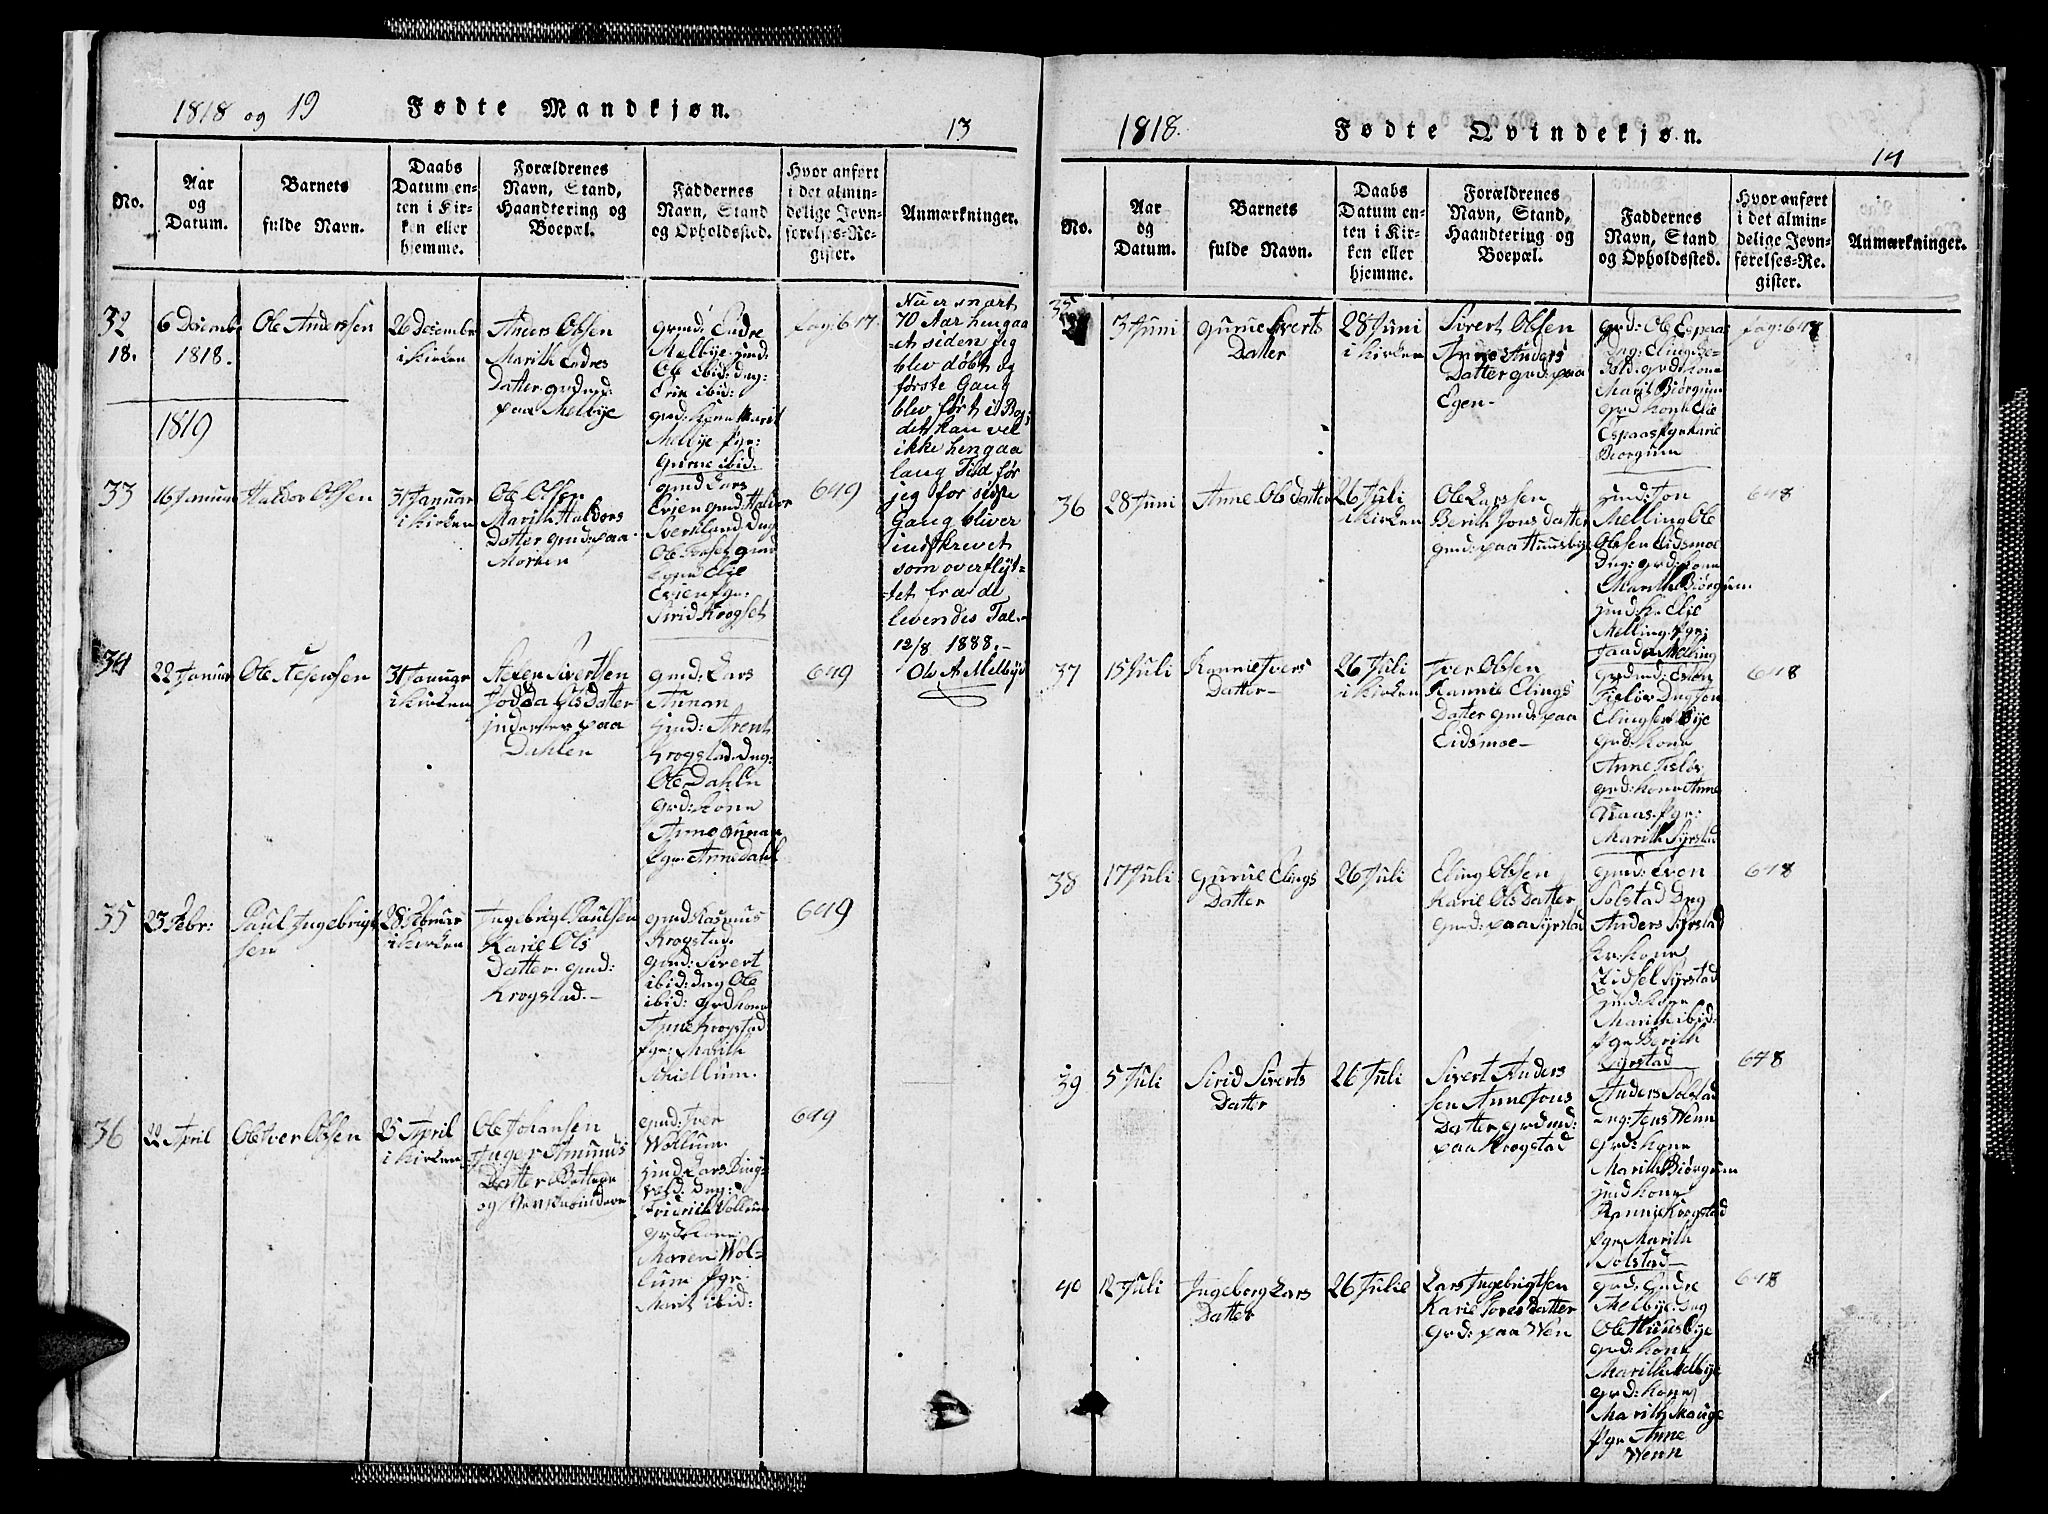 SAT, Ministerialprotokoller, klokkerbøker og fødselsregistre - Sør-Trøndelag, 667/L0796: Klokkerbok nr. 667C01, 1817-1836, s. 13-14